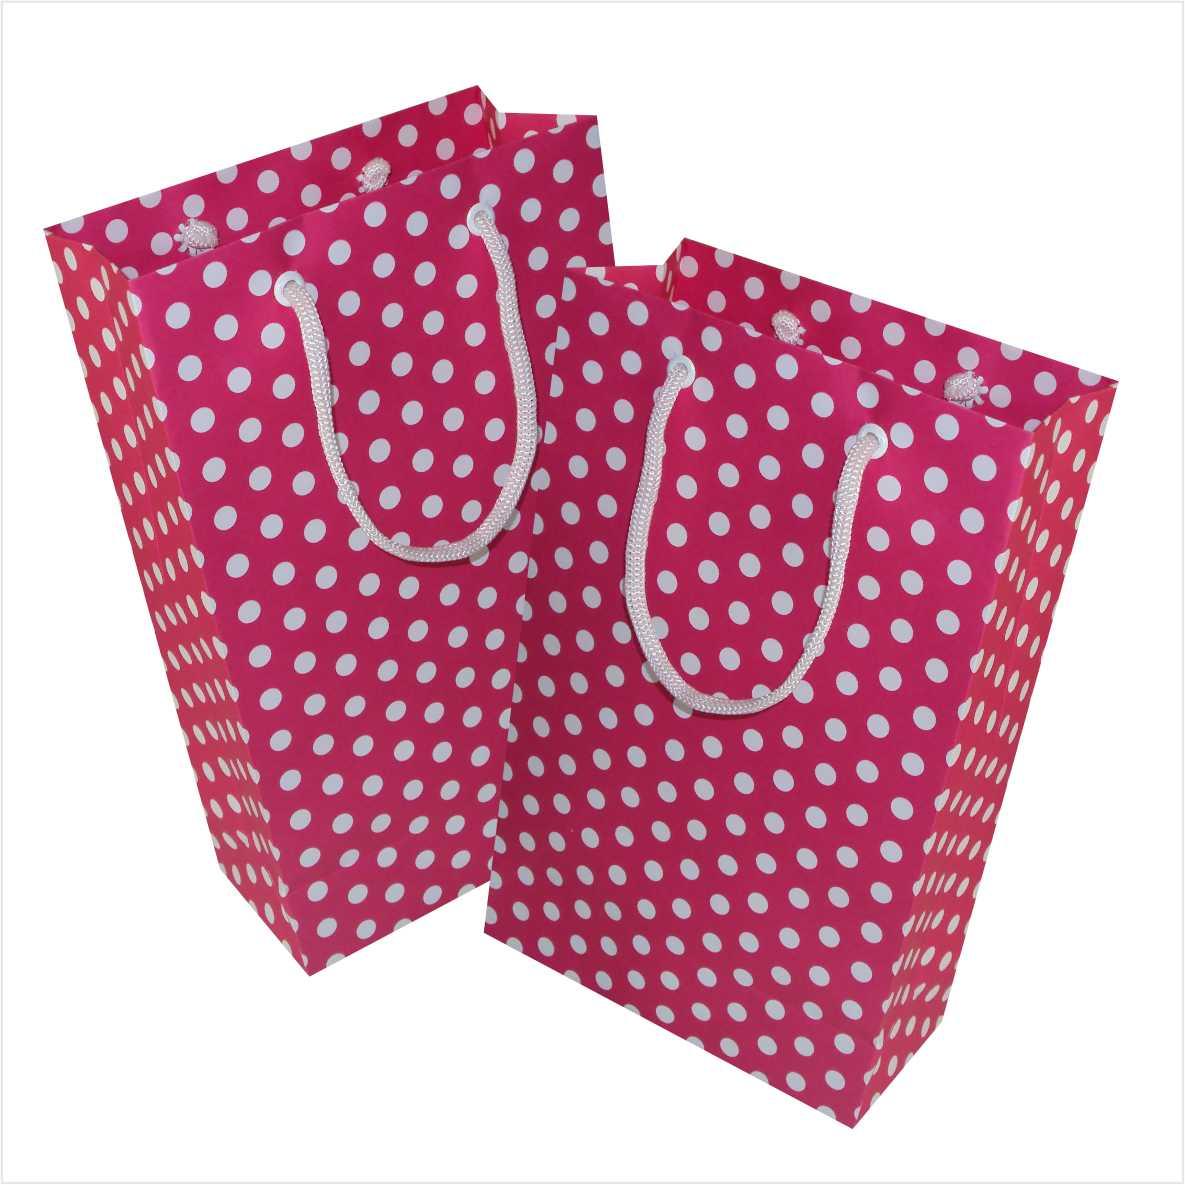 Sacola de papel  (15x24x7 cm) Pink de bolinha branca - 10 unidades